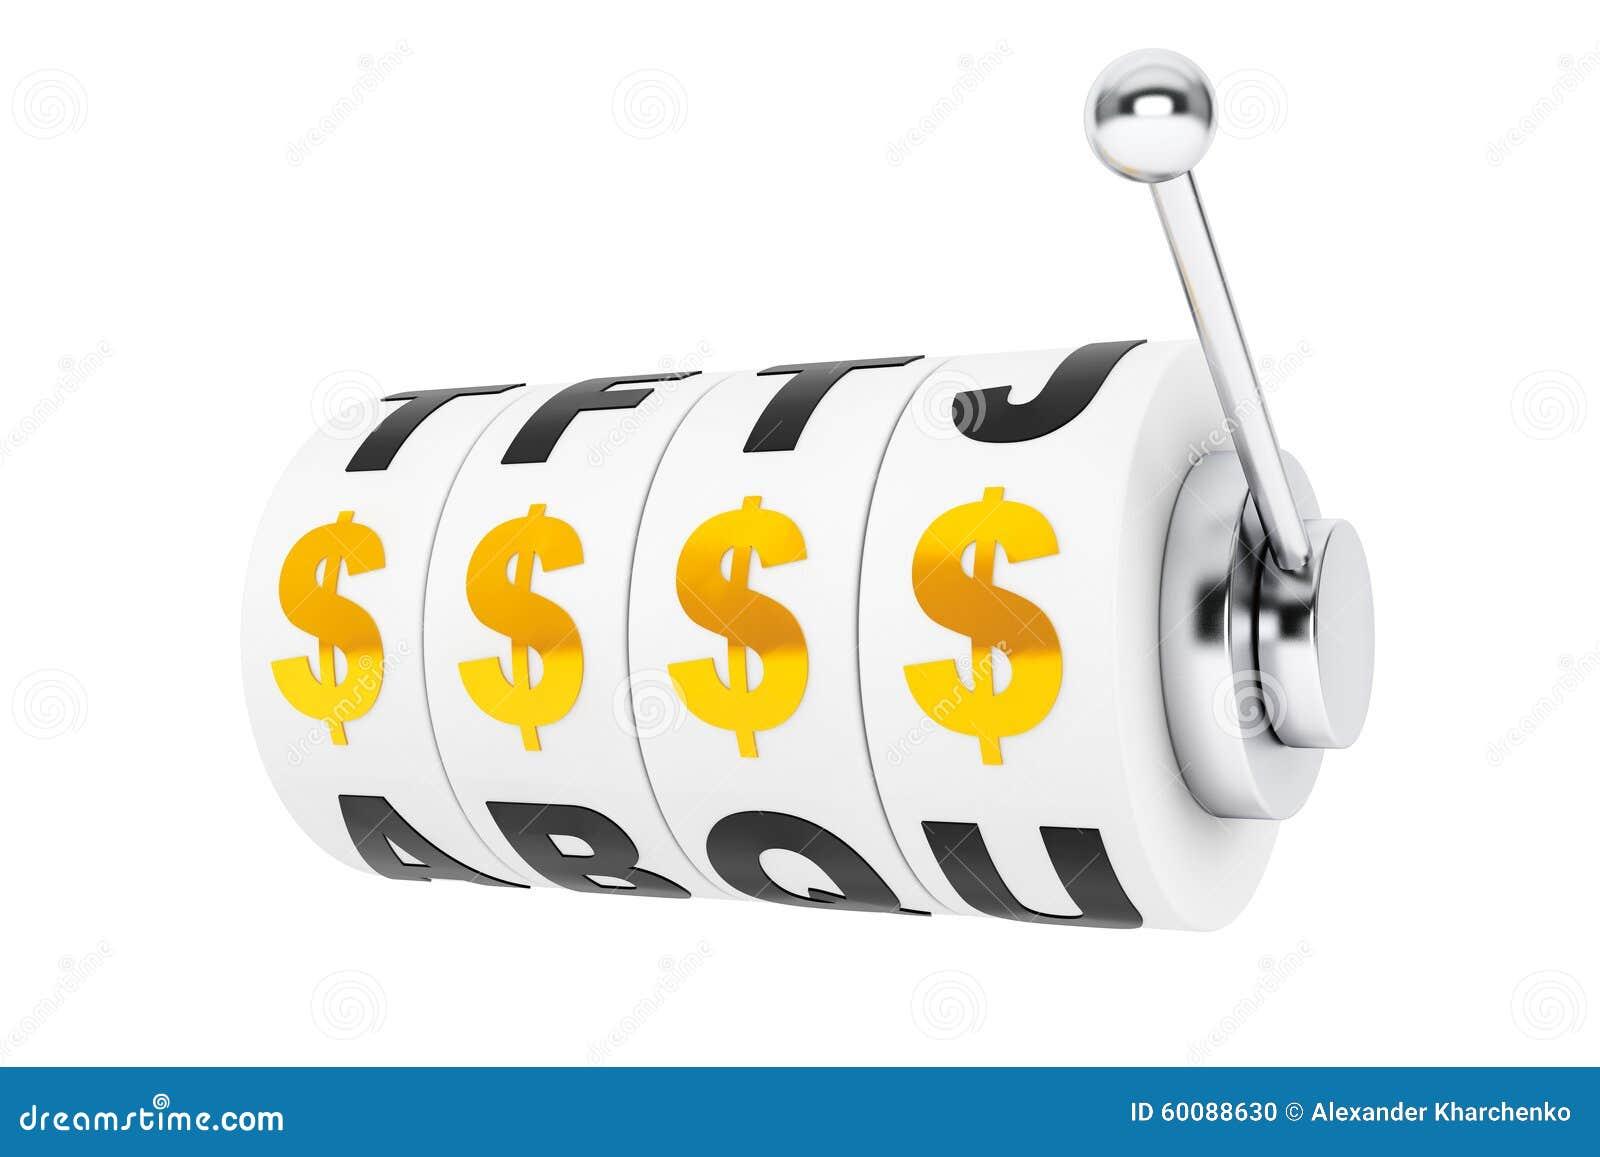 Les symboles dollar aligne pour un gros lot sur des roues d une machine à sous